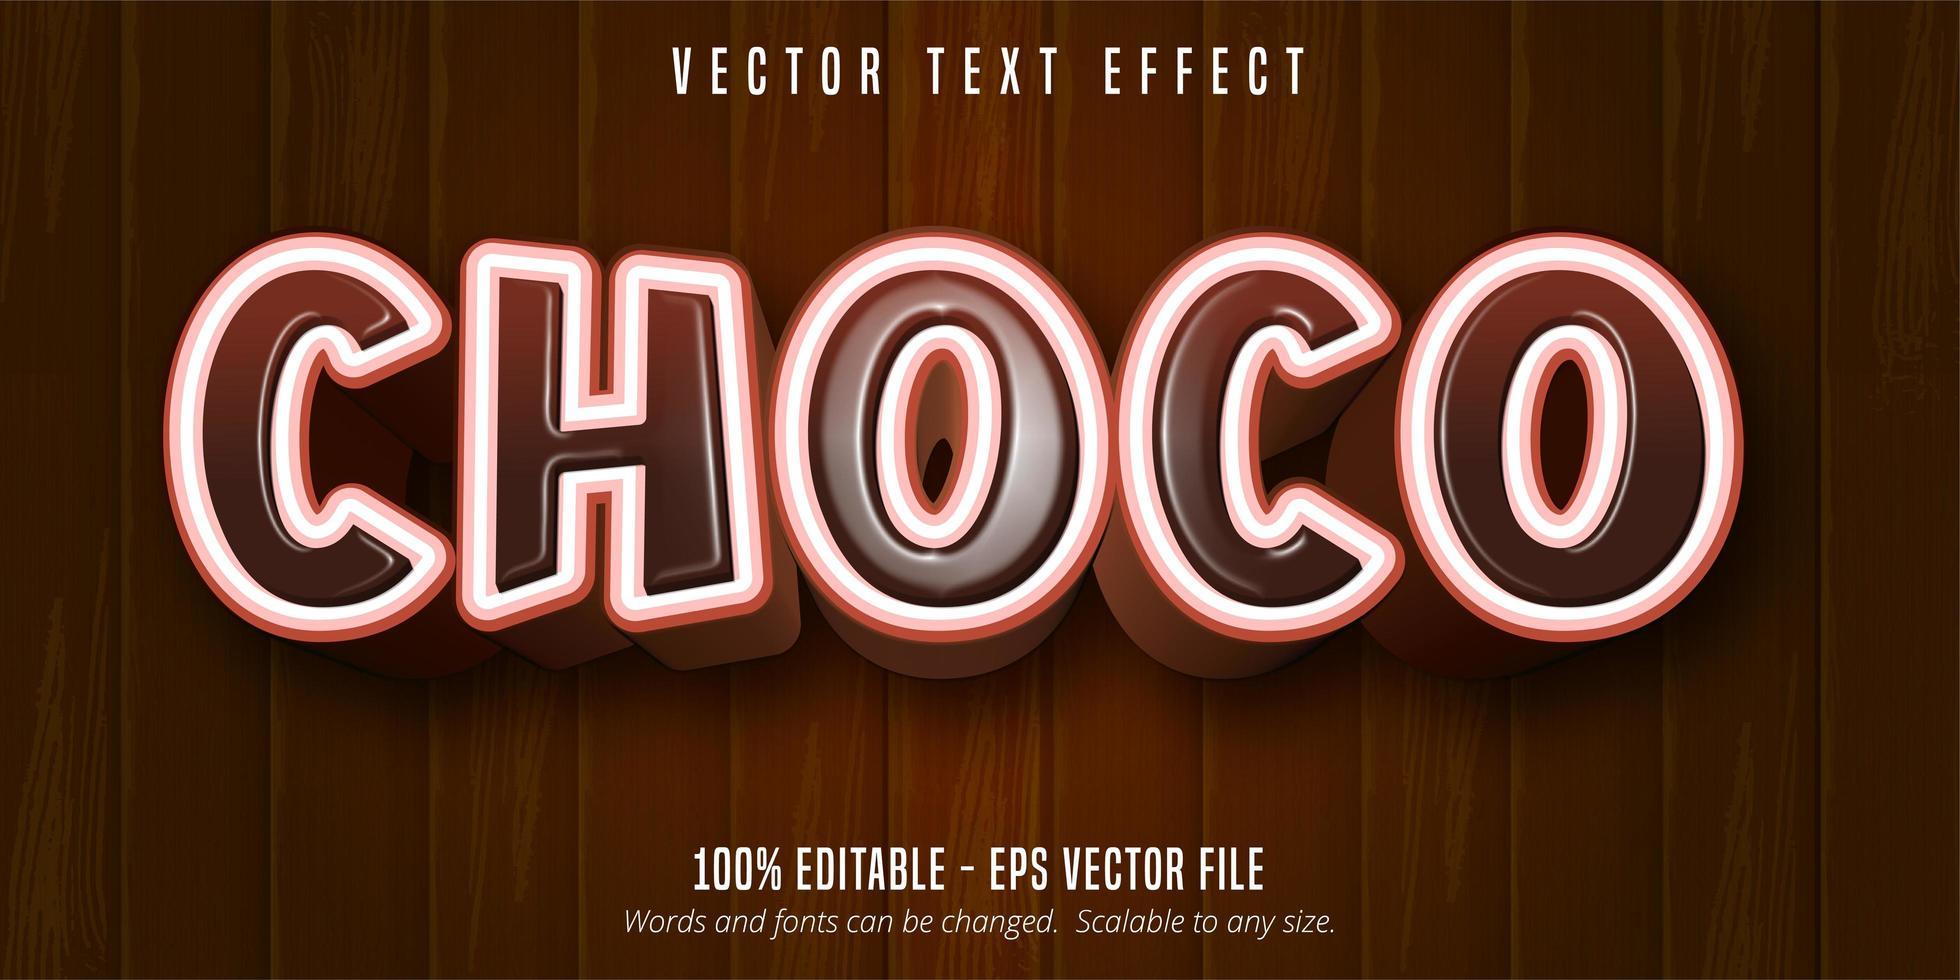 choco brun och vit tecknad stil text effekt vektor